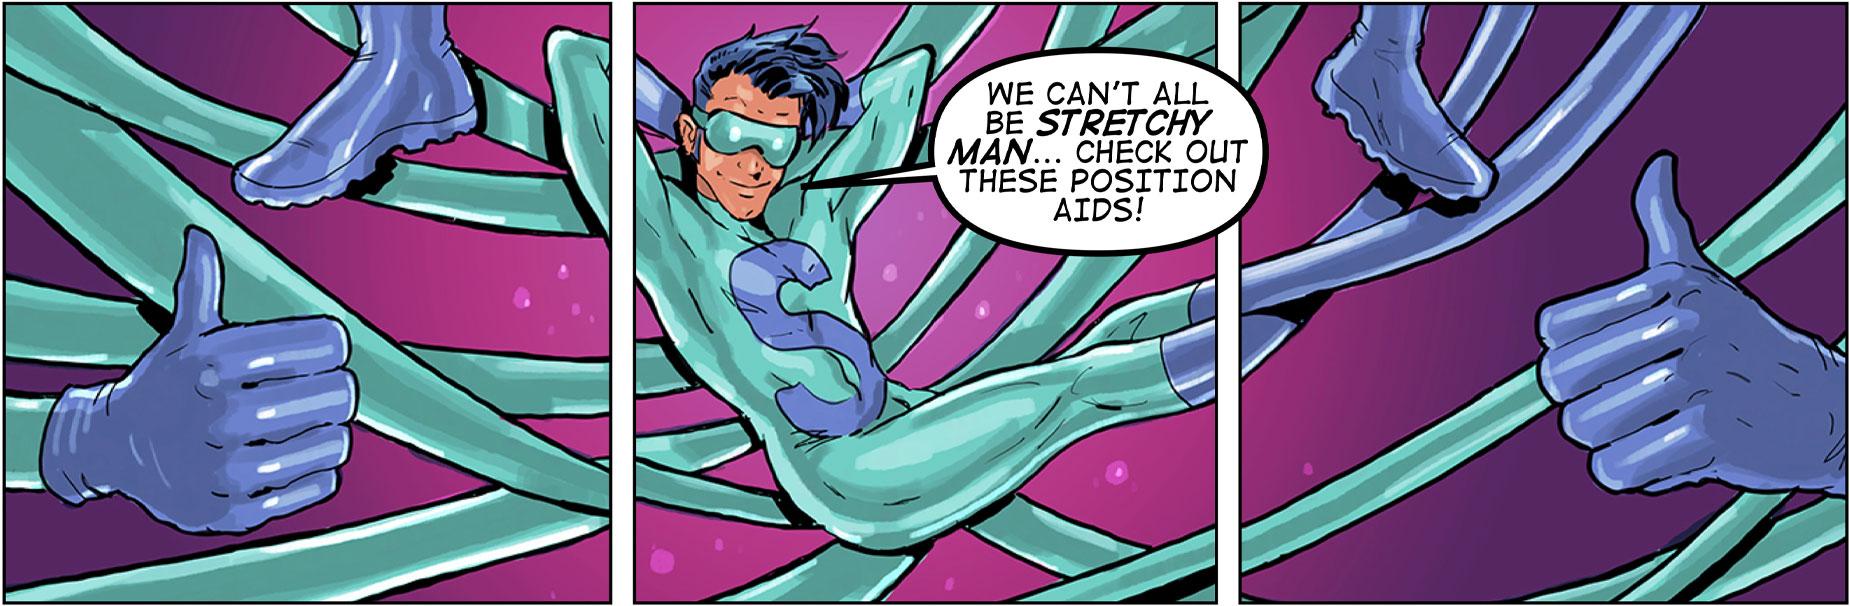 Position Aids